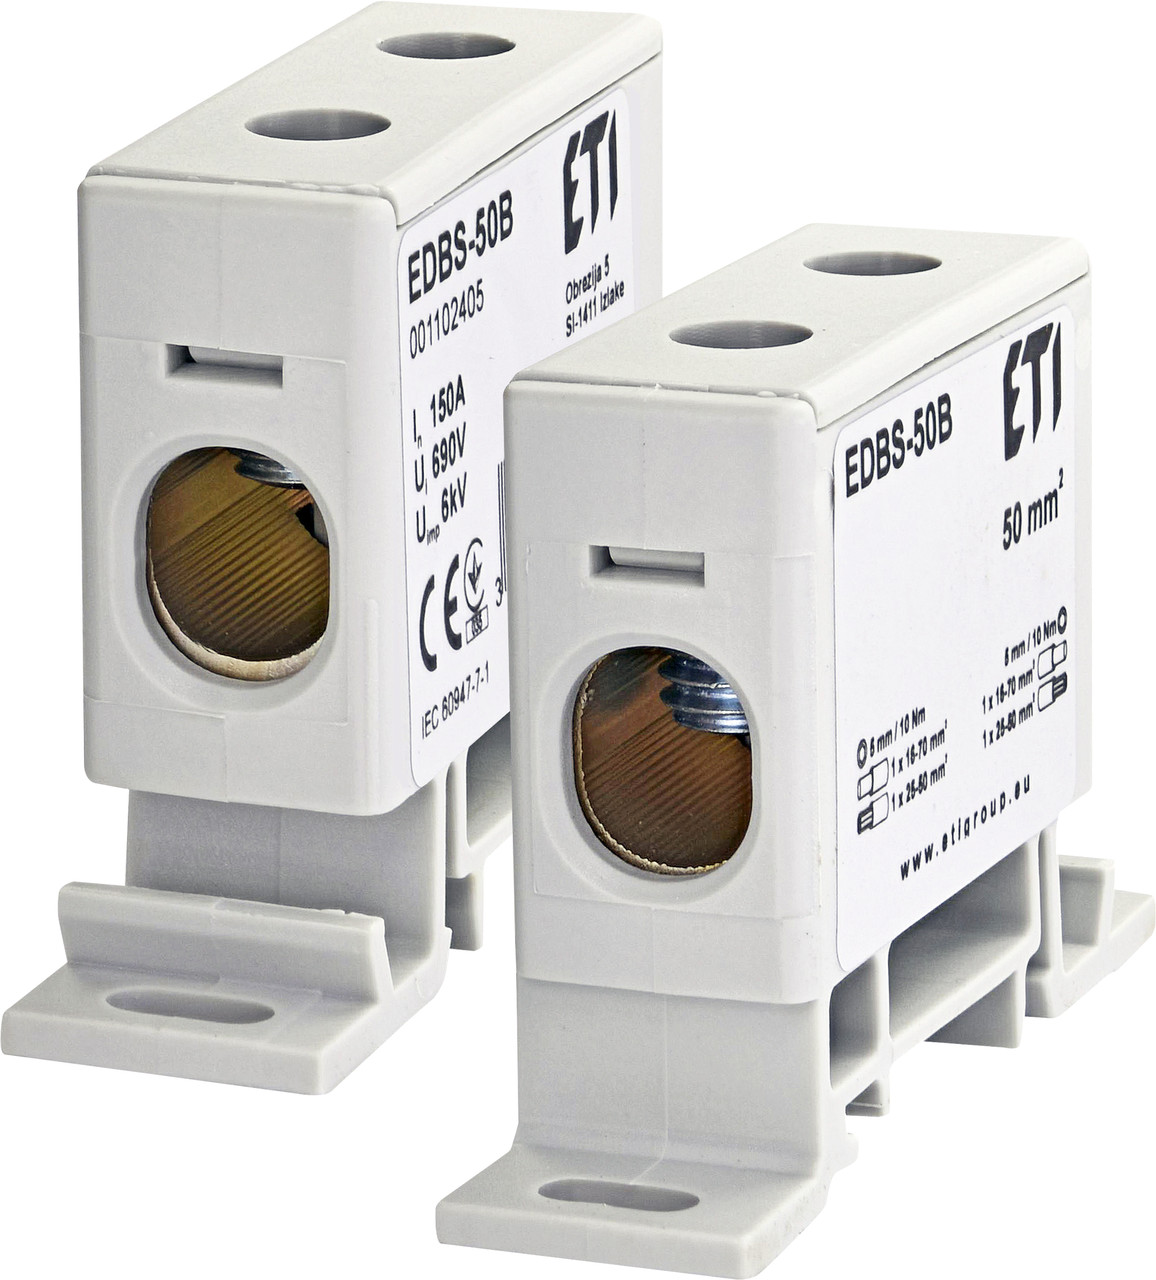 Блок распределительный EDBS-50B 150А, 16-70 mm2 ETI